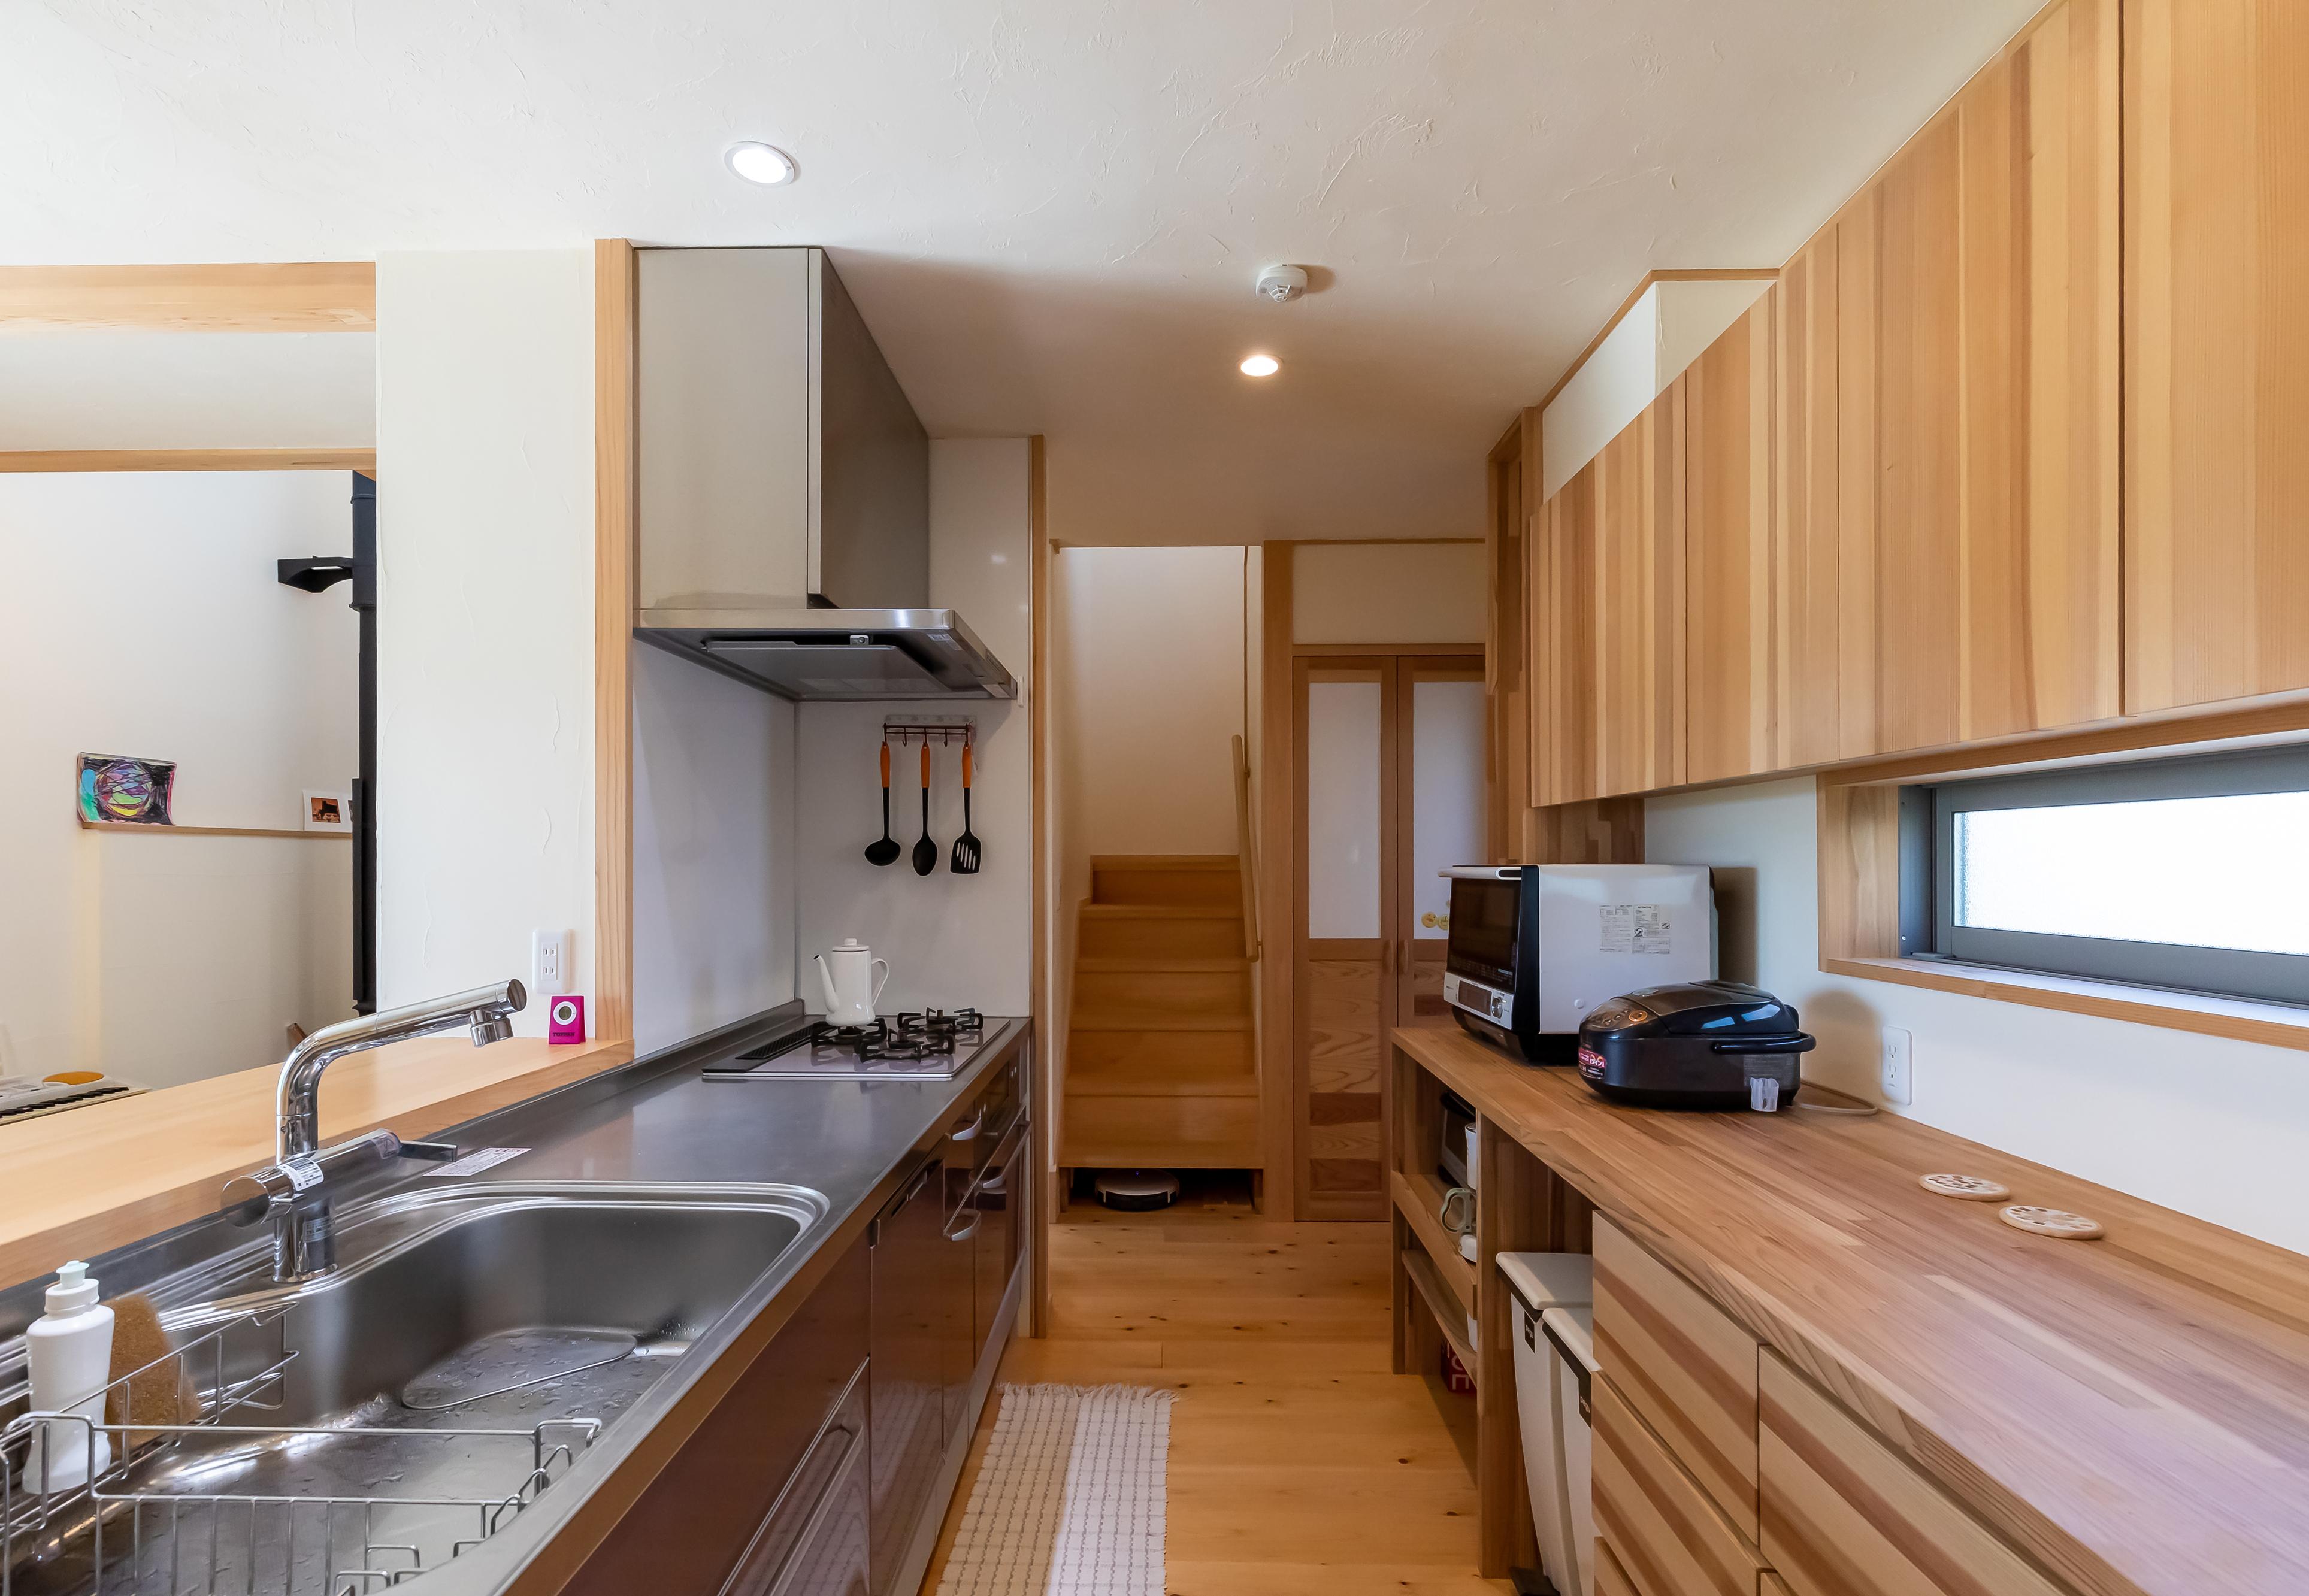 ナルセノイエ【子育て、和風、自然素材】広々としたキッチンには、奥様のこだわりがいっぱい